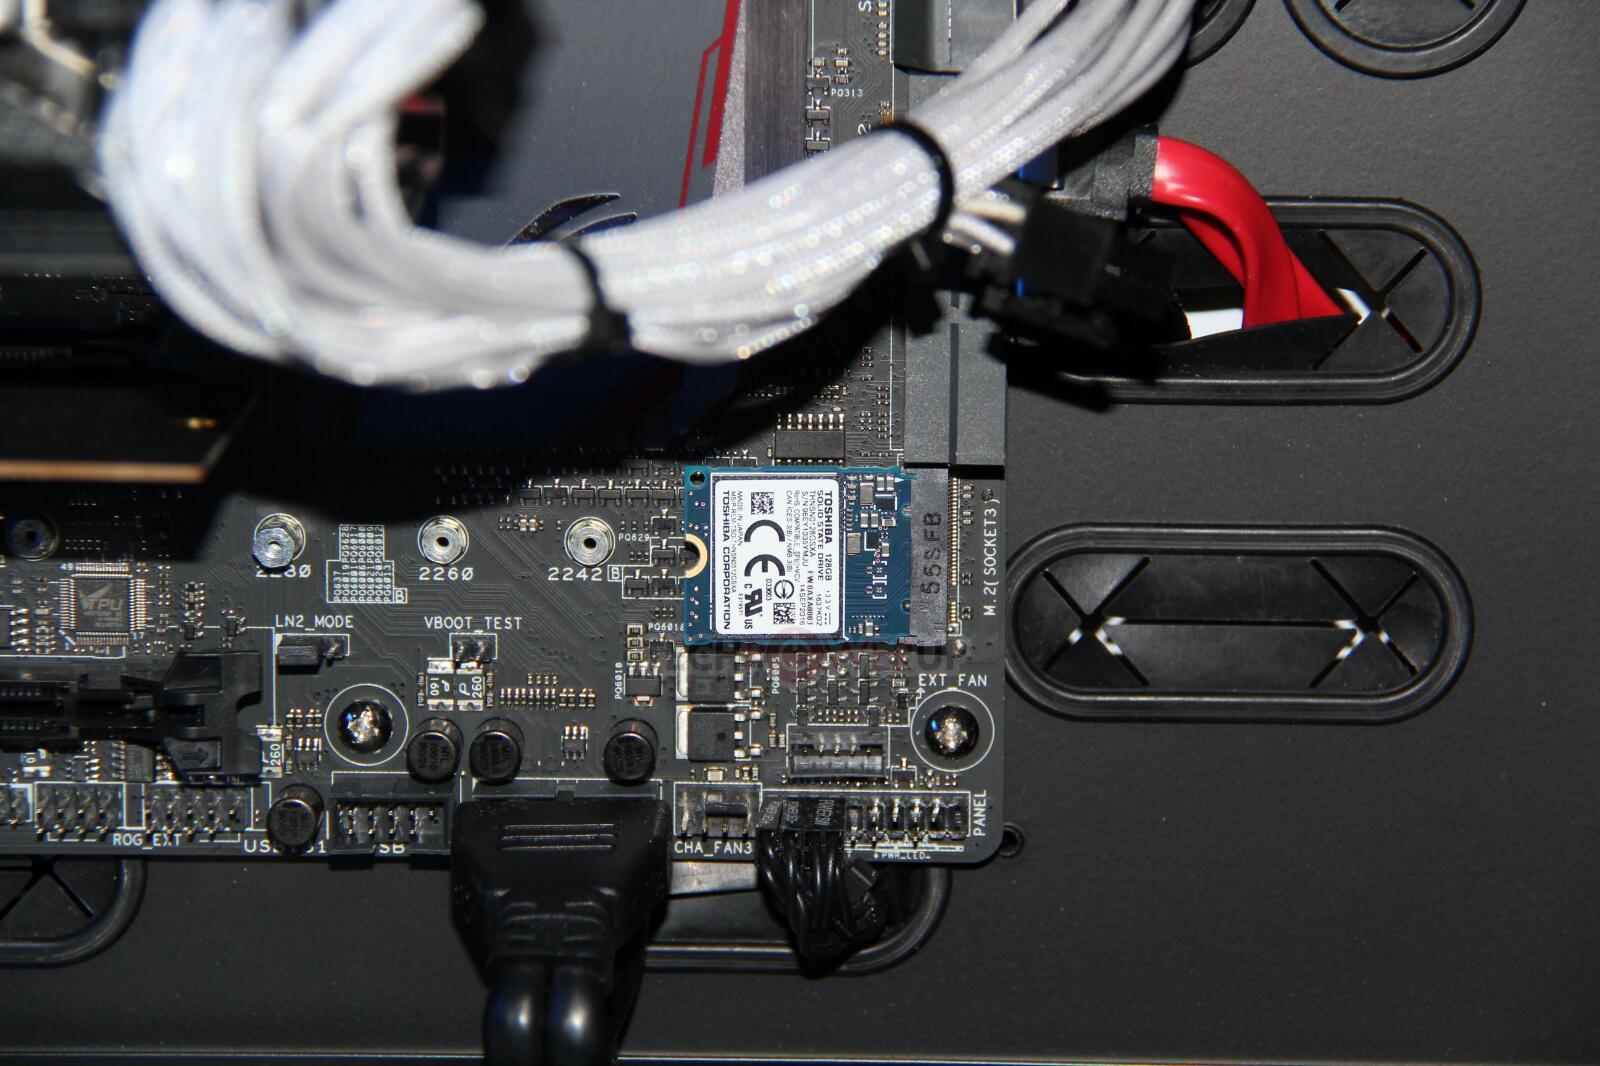 Toshiba-BG-ssd m.2